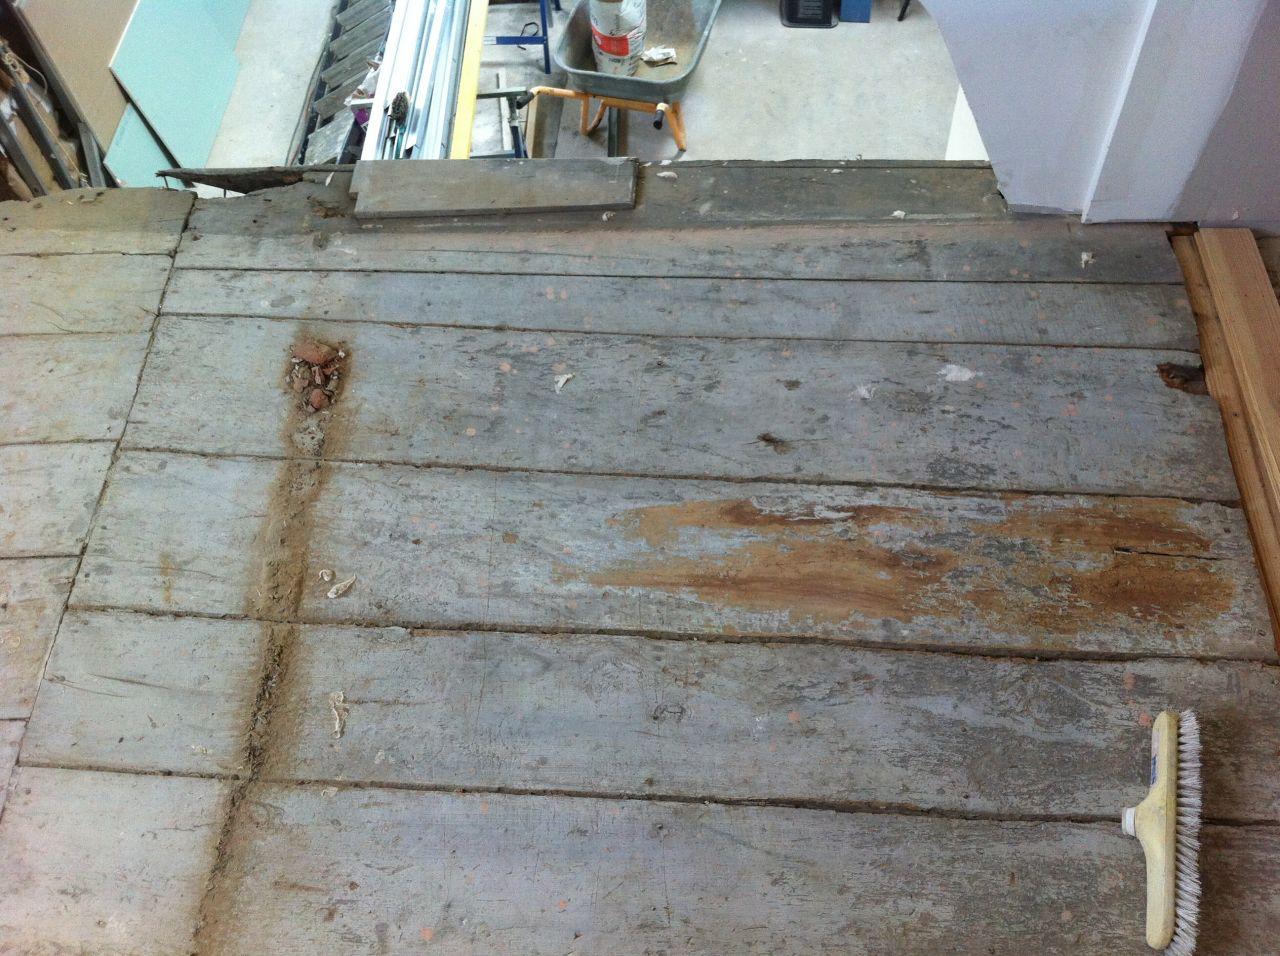 Refaire Joint Parquet Ancien récupérer très vieux parquet [photos] - 13 messages